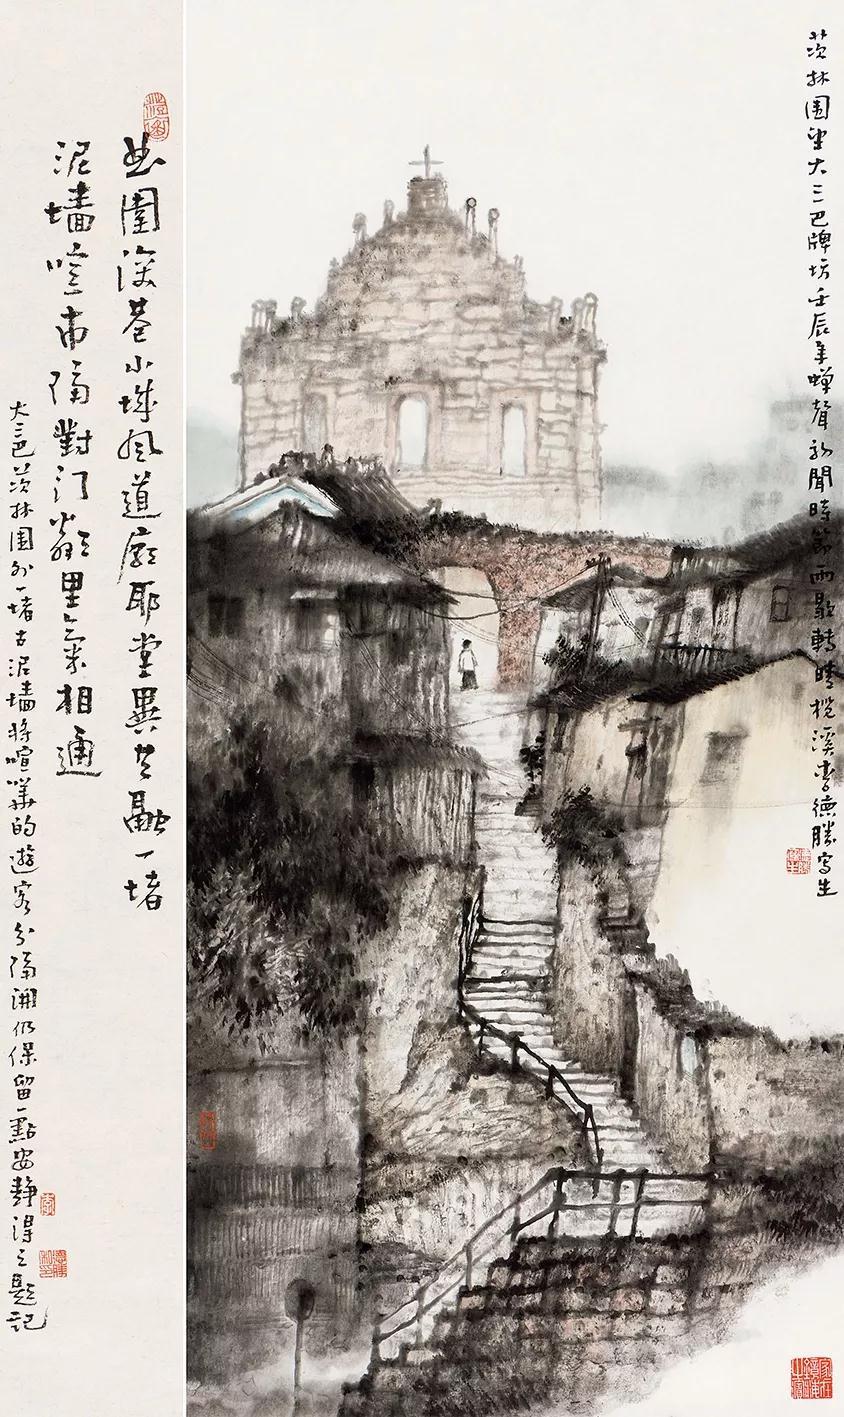 李得之 茨林围 国画 96cm×57cm 2019年